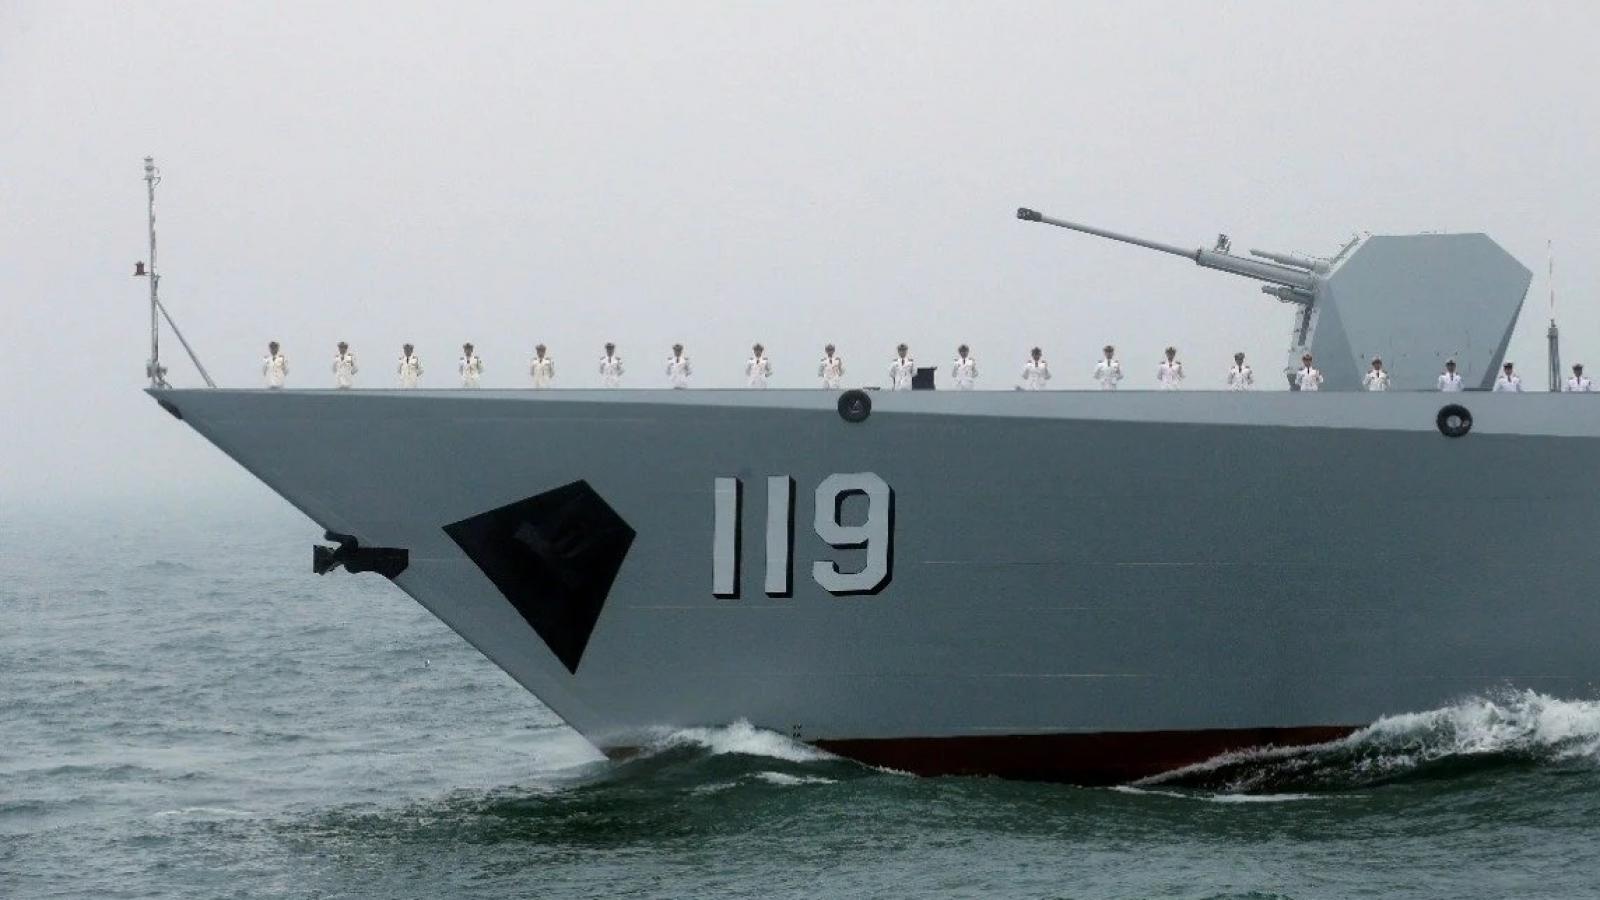 Trung Quốc mở rộng quân sự ở Thái Bình Dương khiến hải quân Mỹ e ngại nhất